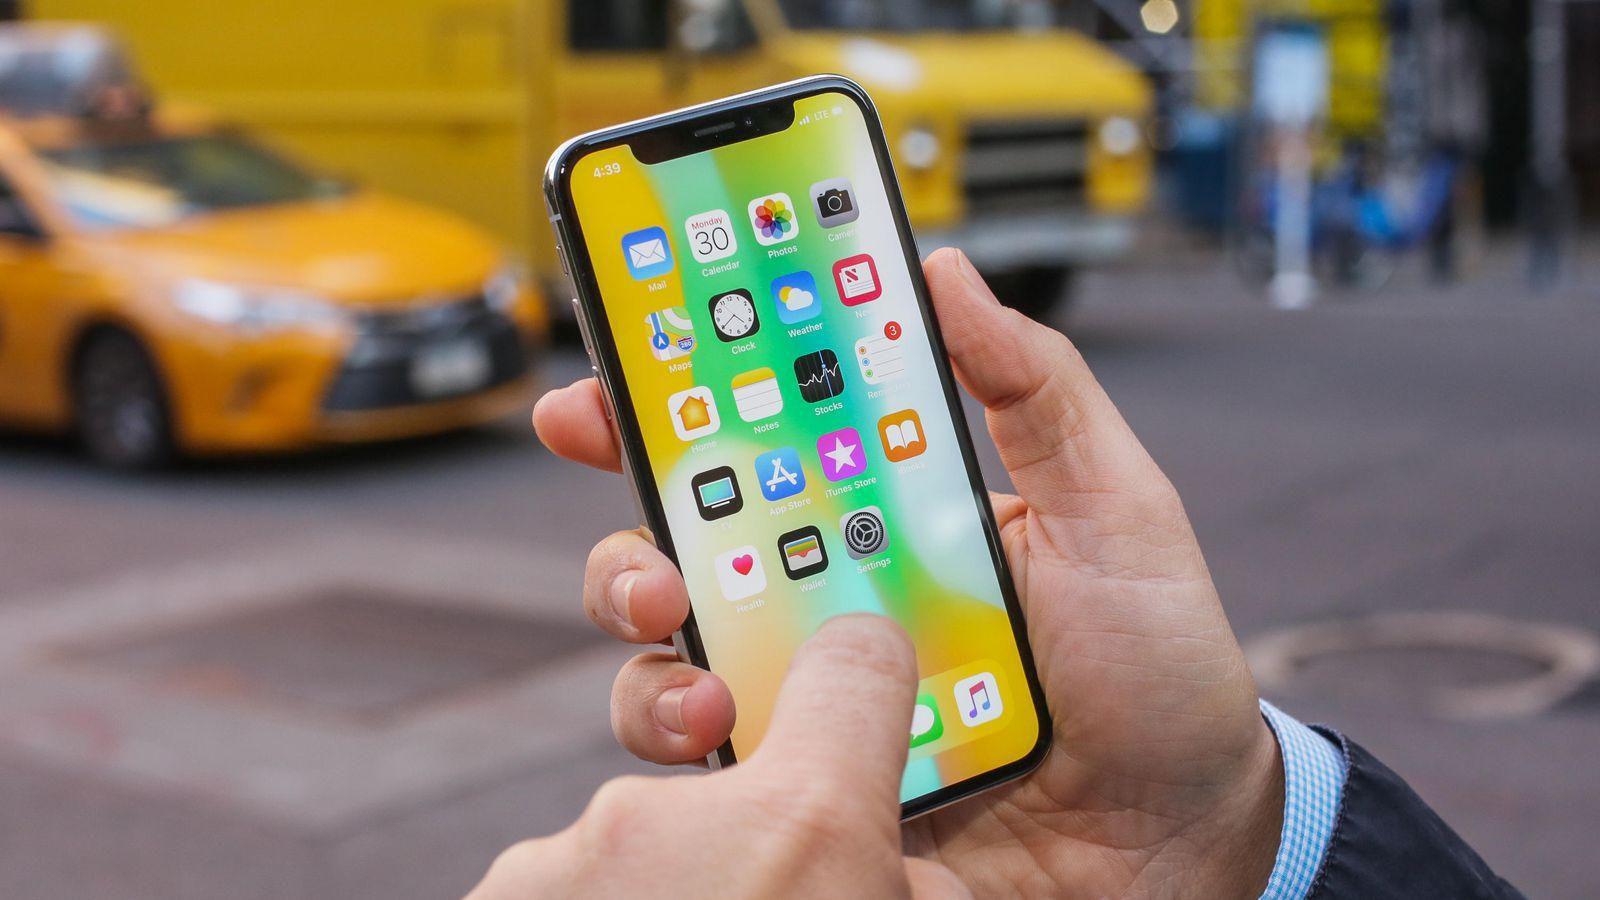 Hướng dẫn tùy chỉnh màu màn hình iPhone phù hợp hơn với mắt